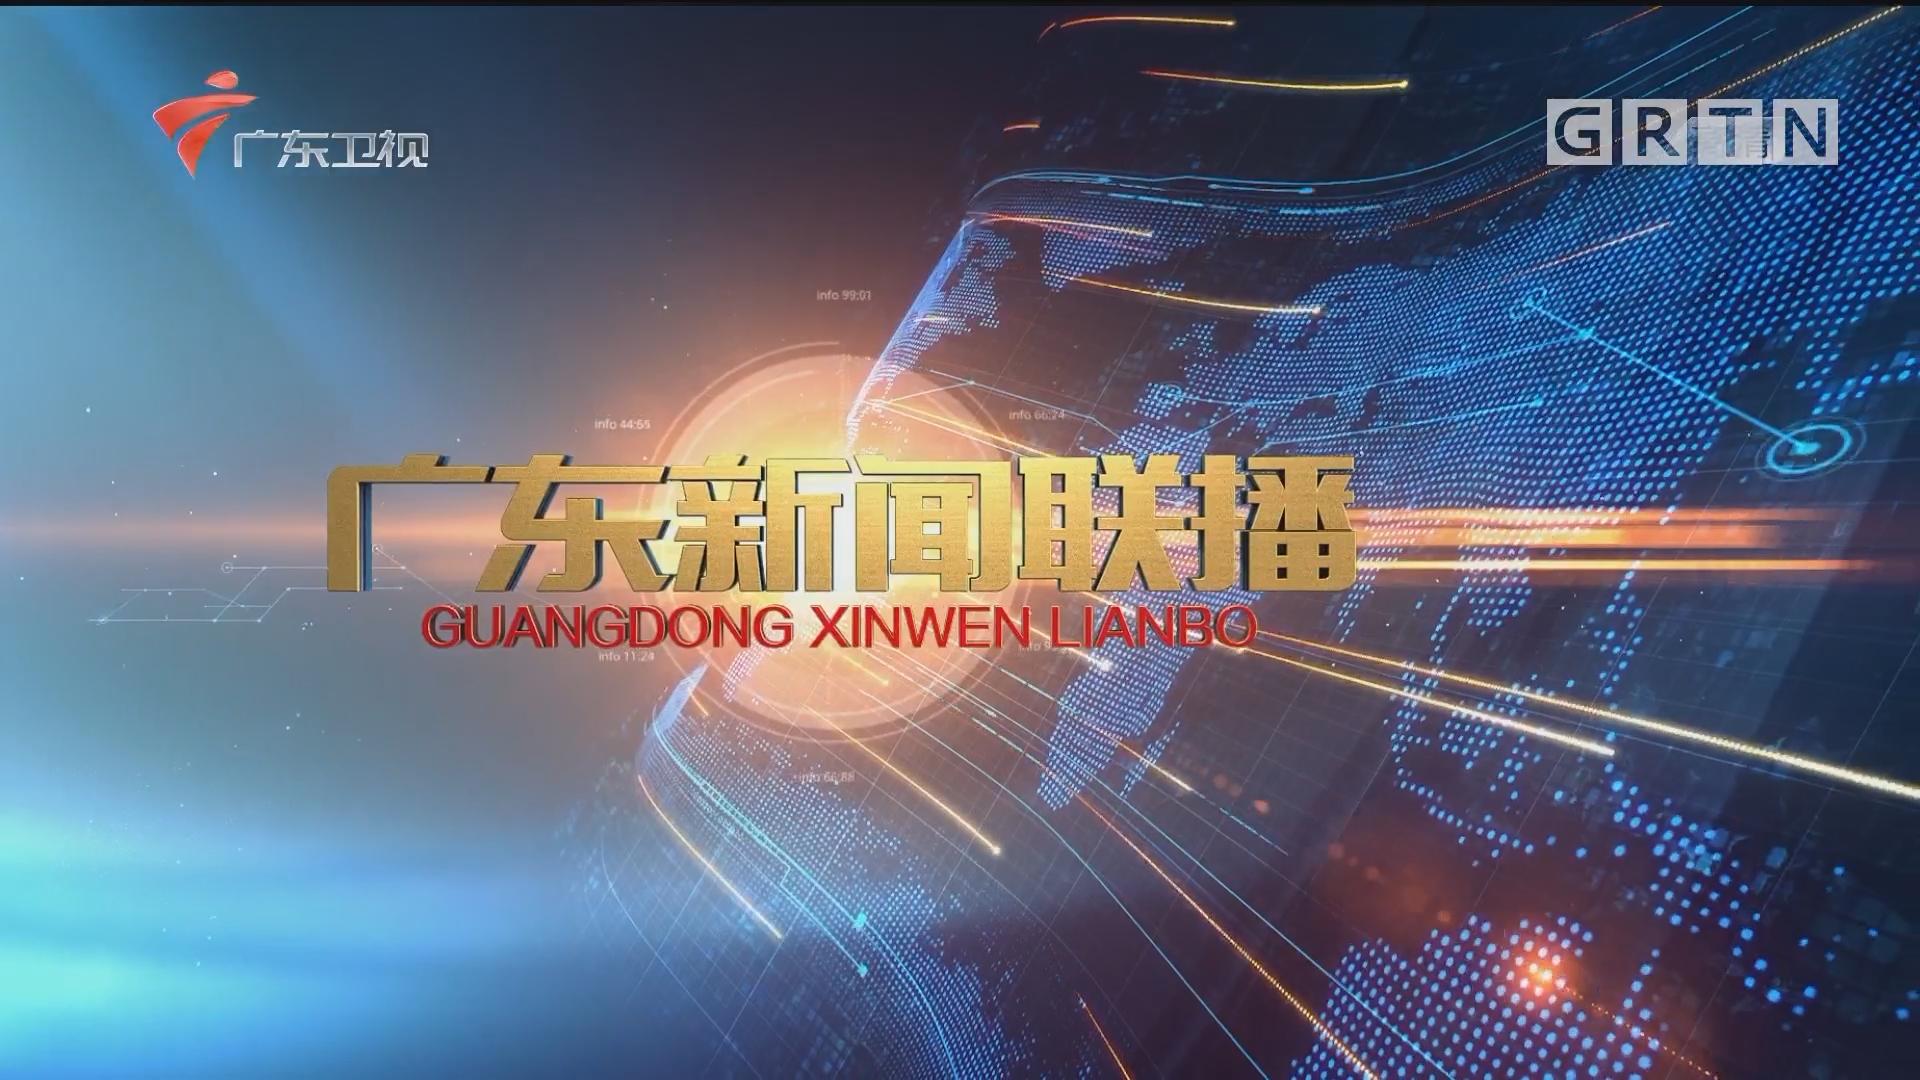 [HD][2017-12-18]广东新闻联播:新华社:实现历史性变革 迈向高质量发展